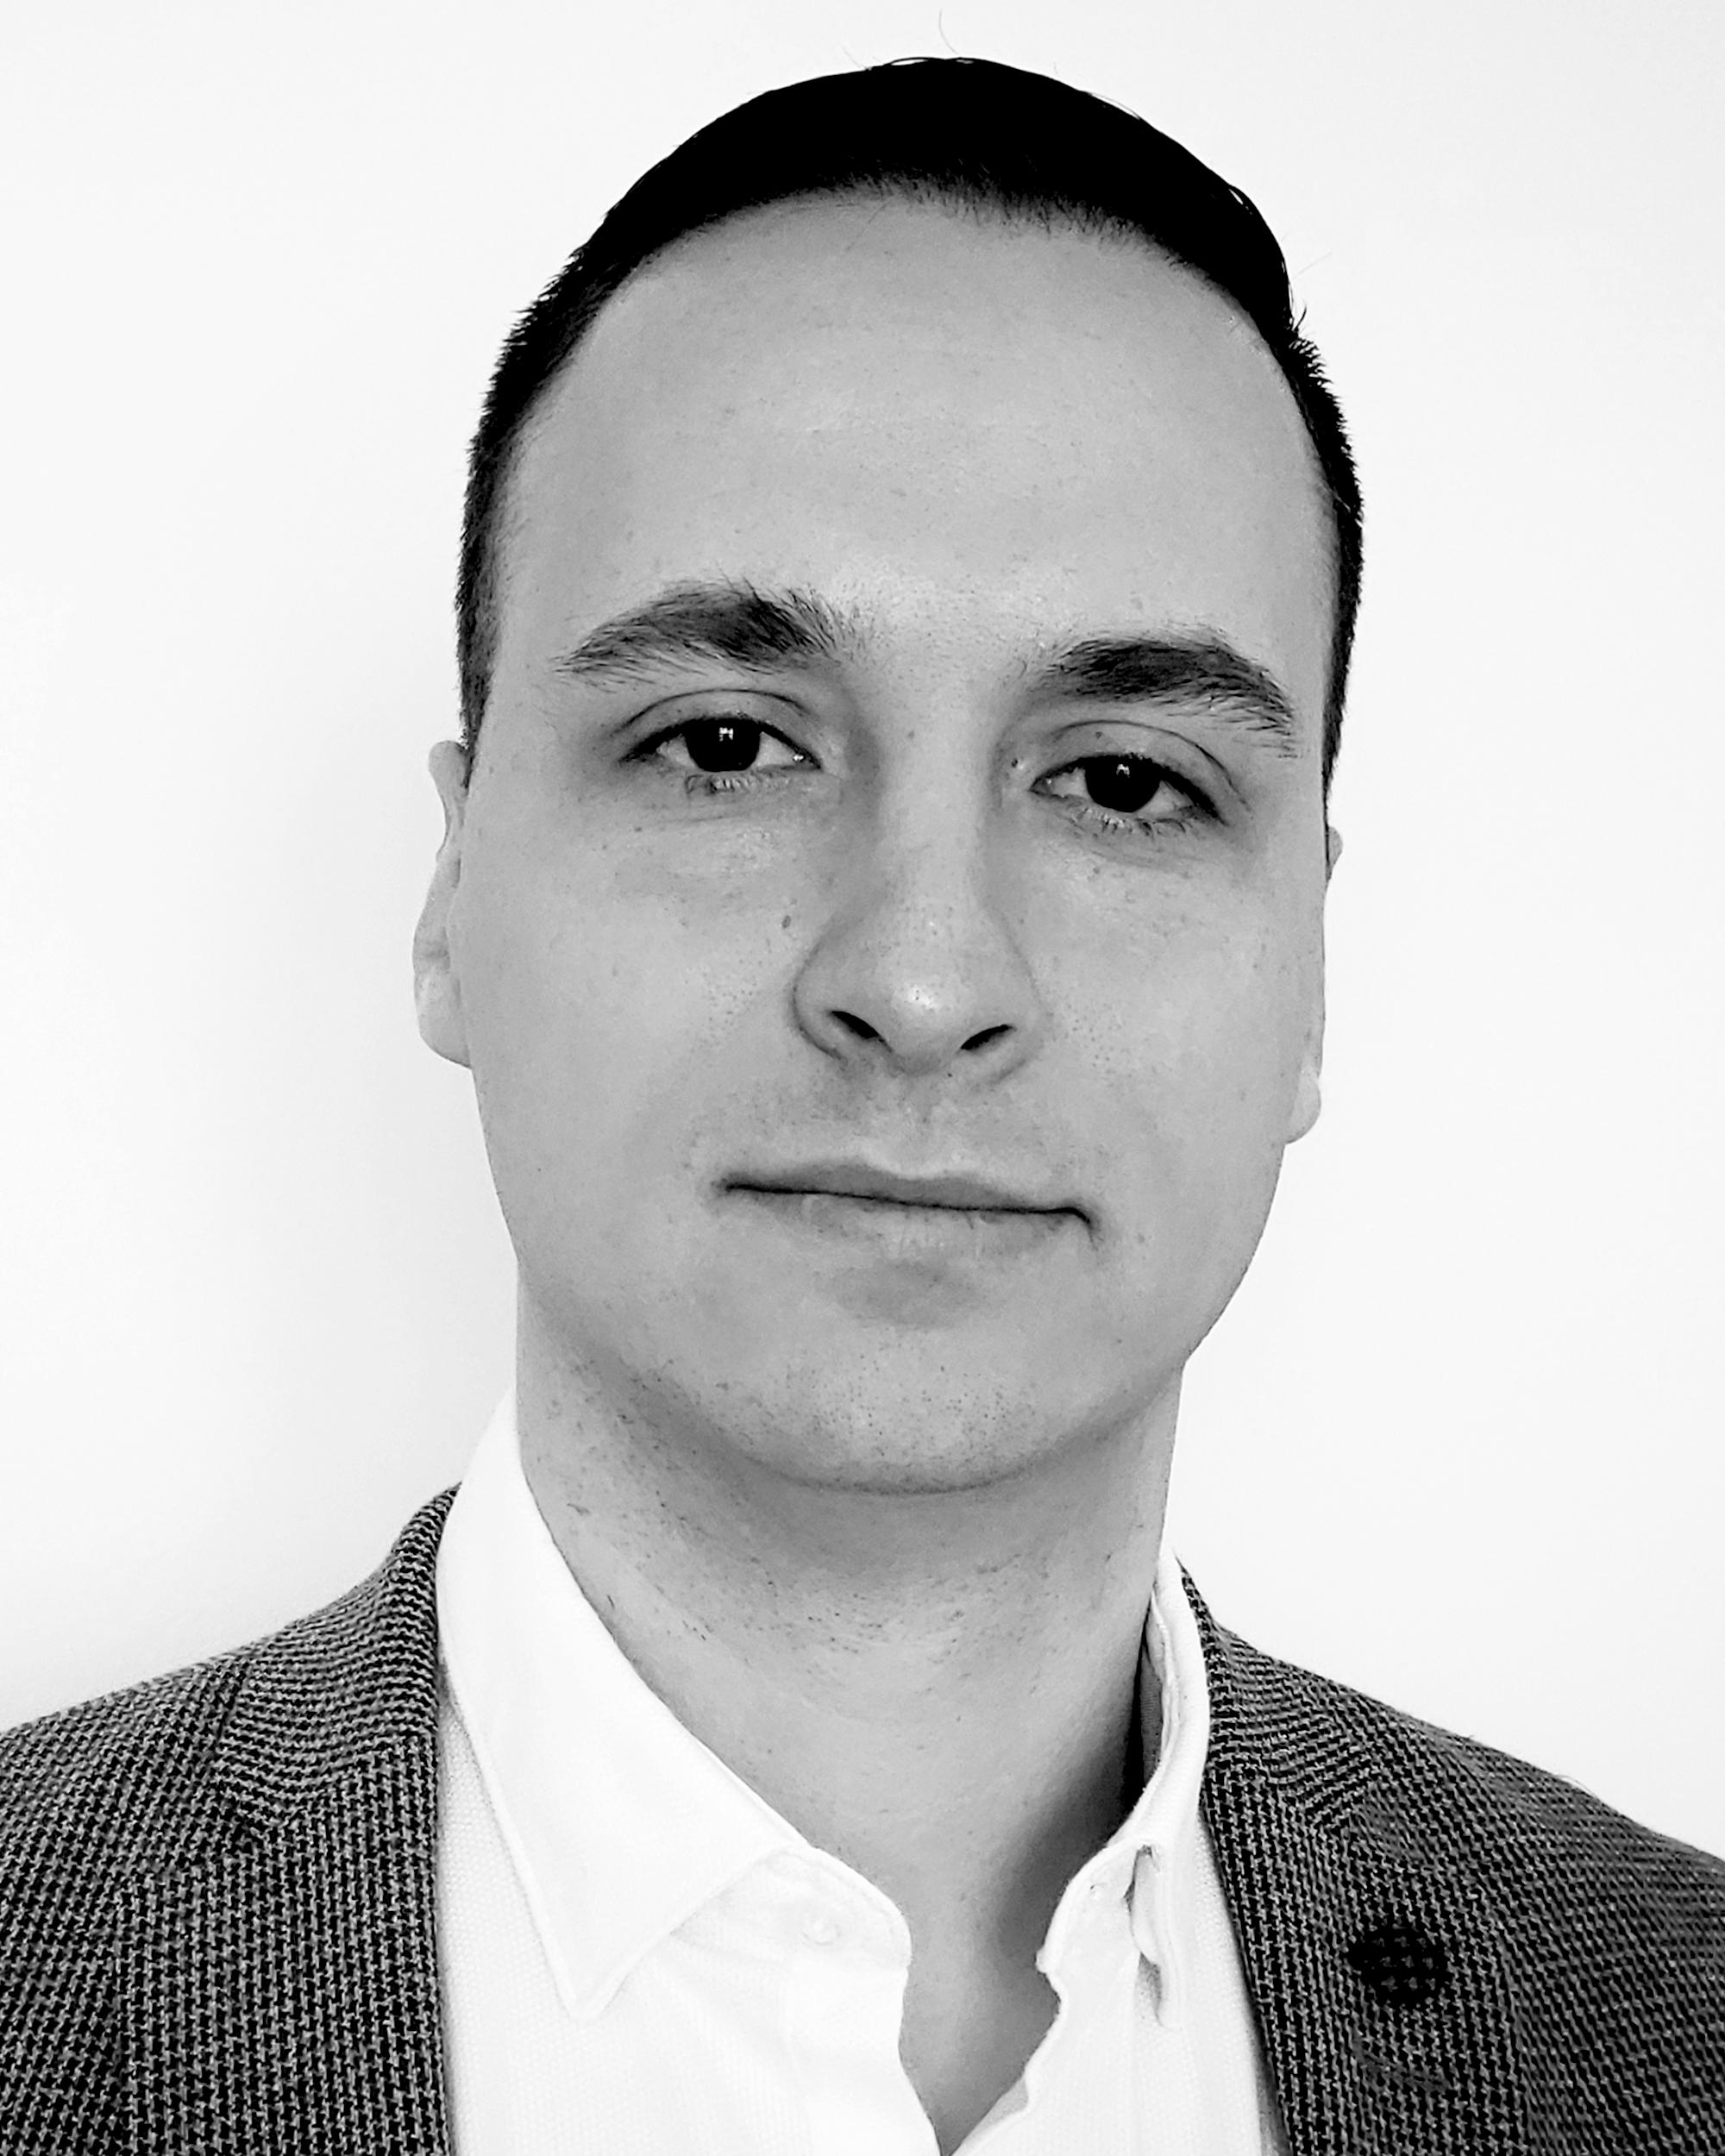 Headshot of Ilija Todorovic